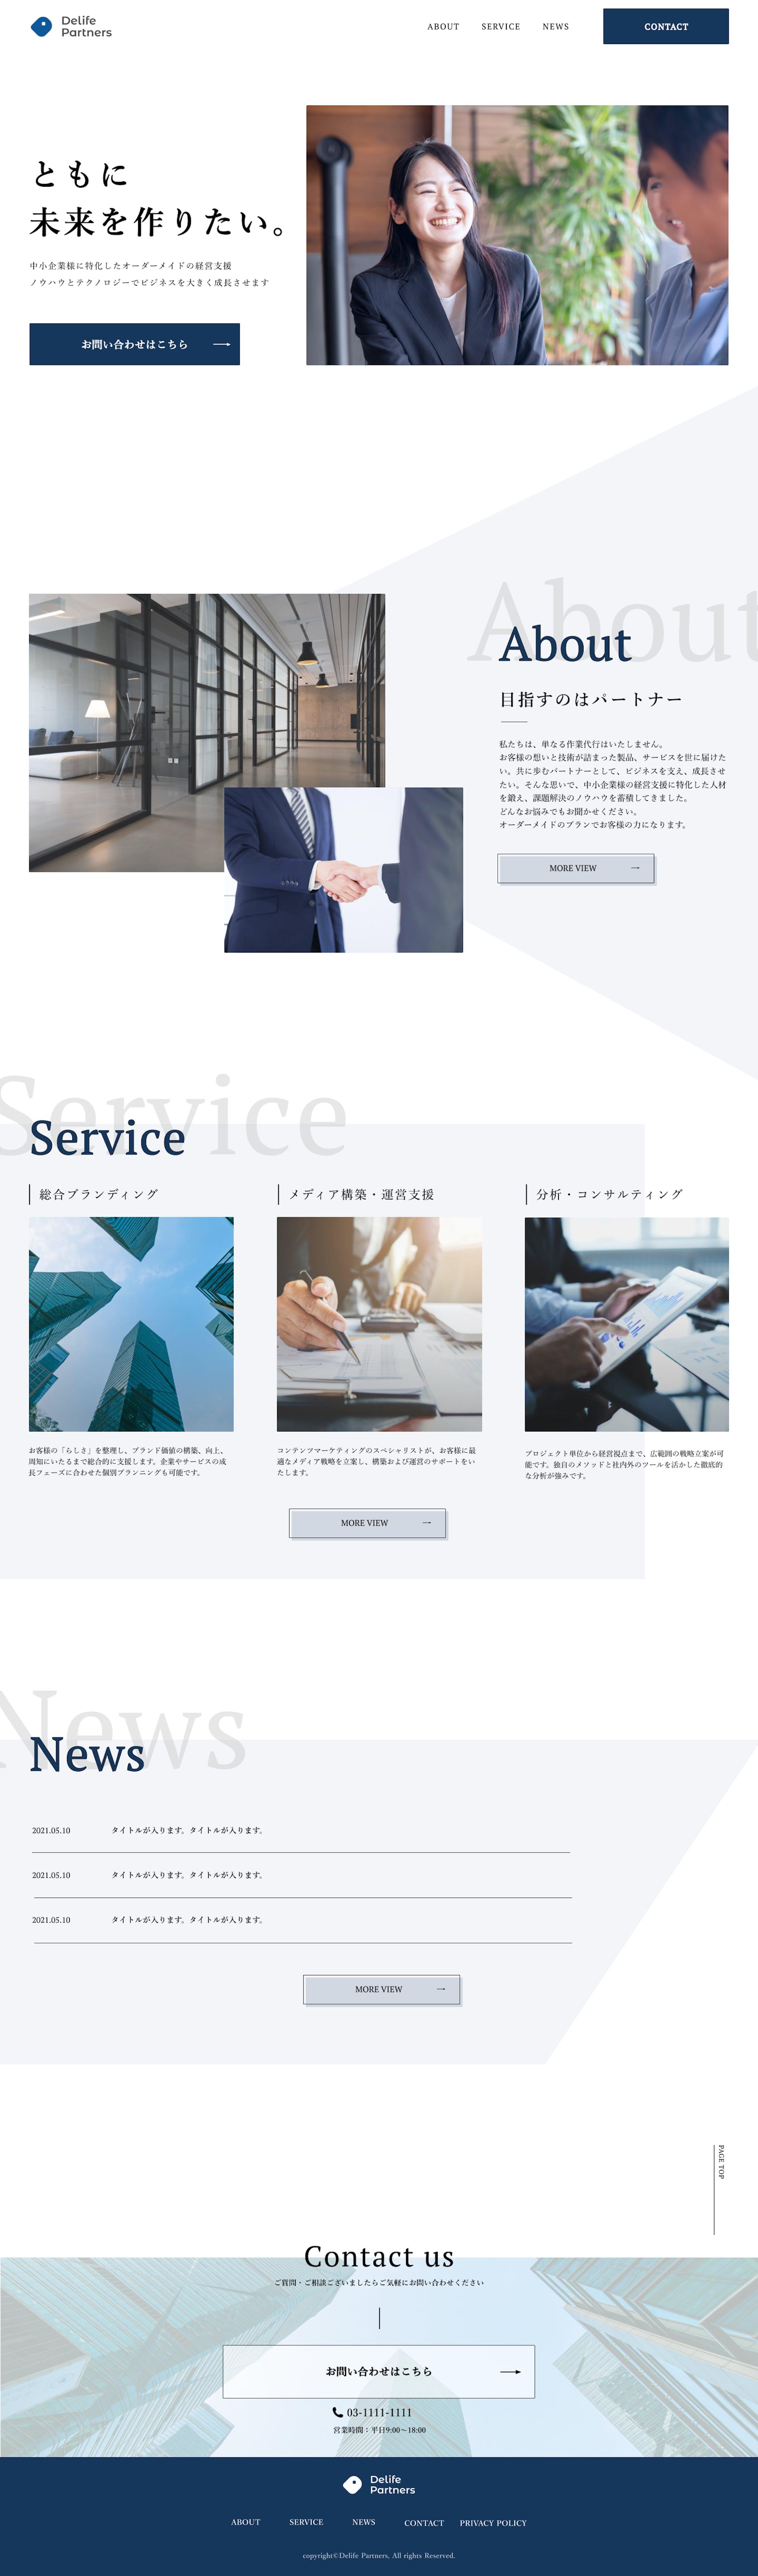 マーケティング支援/コンサルティング企業のコーポレートサイト-1